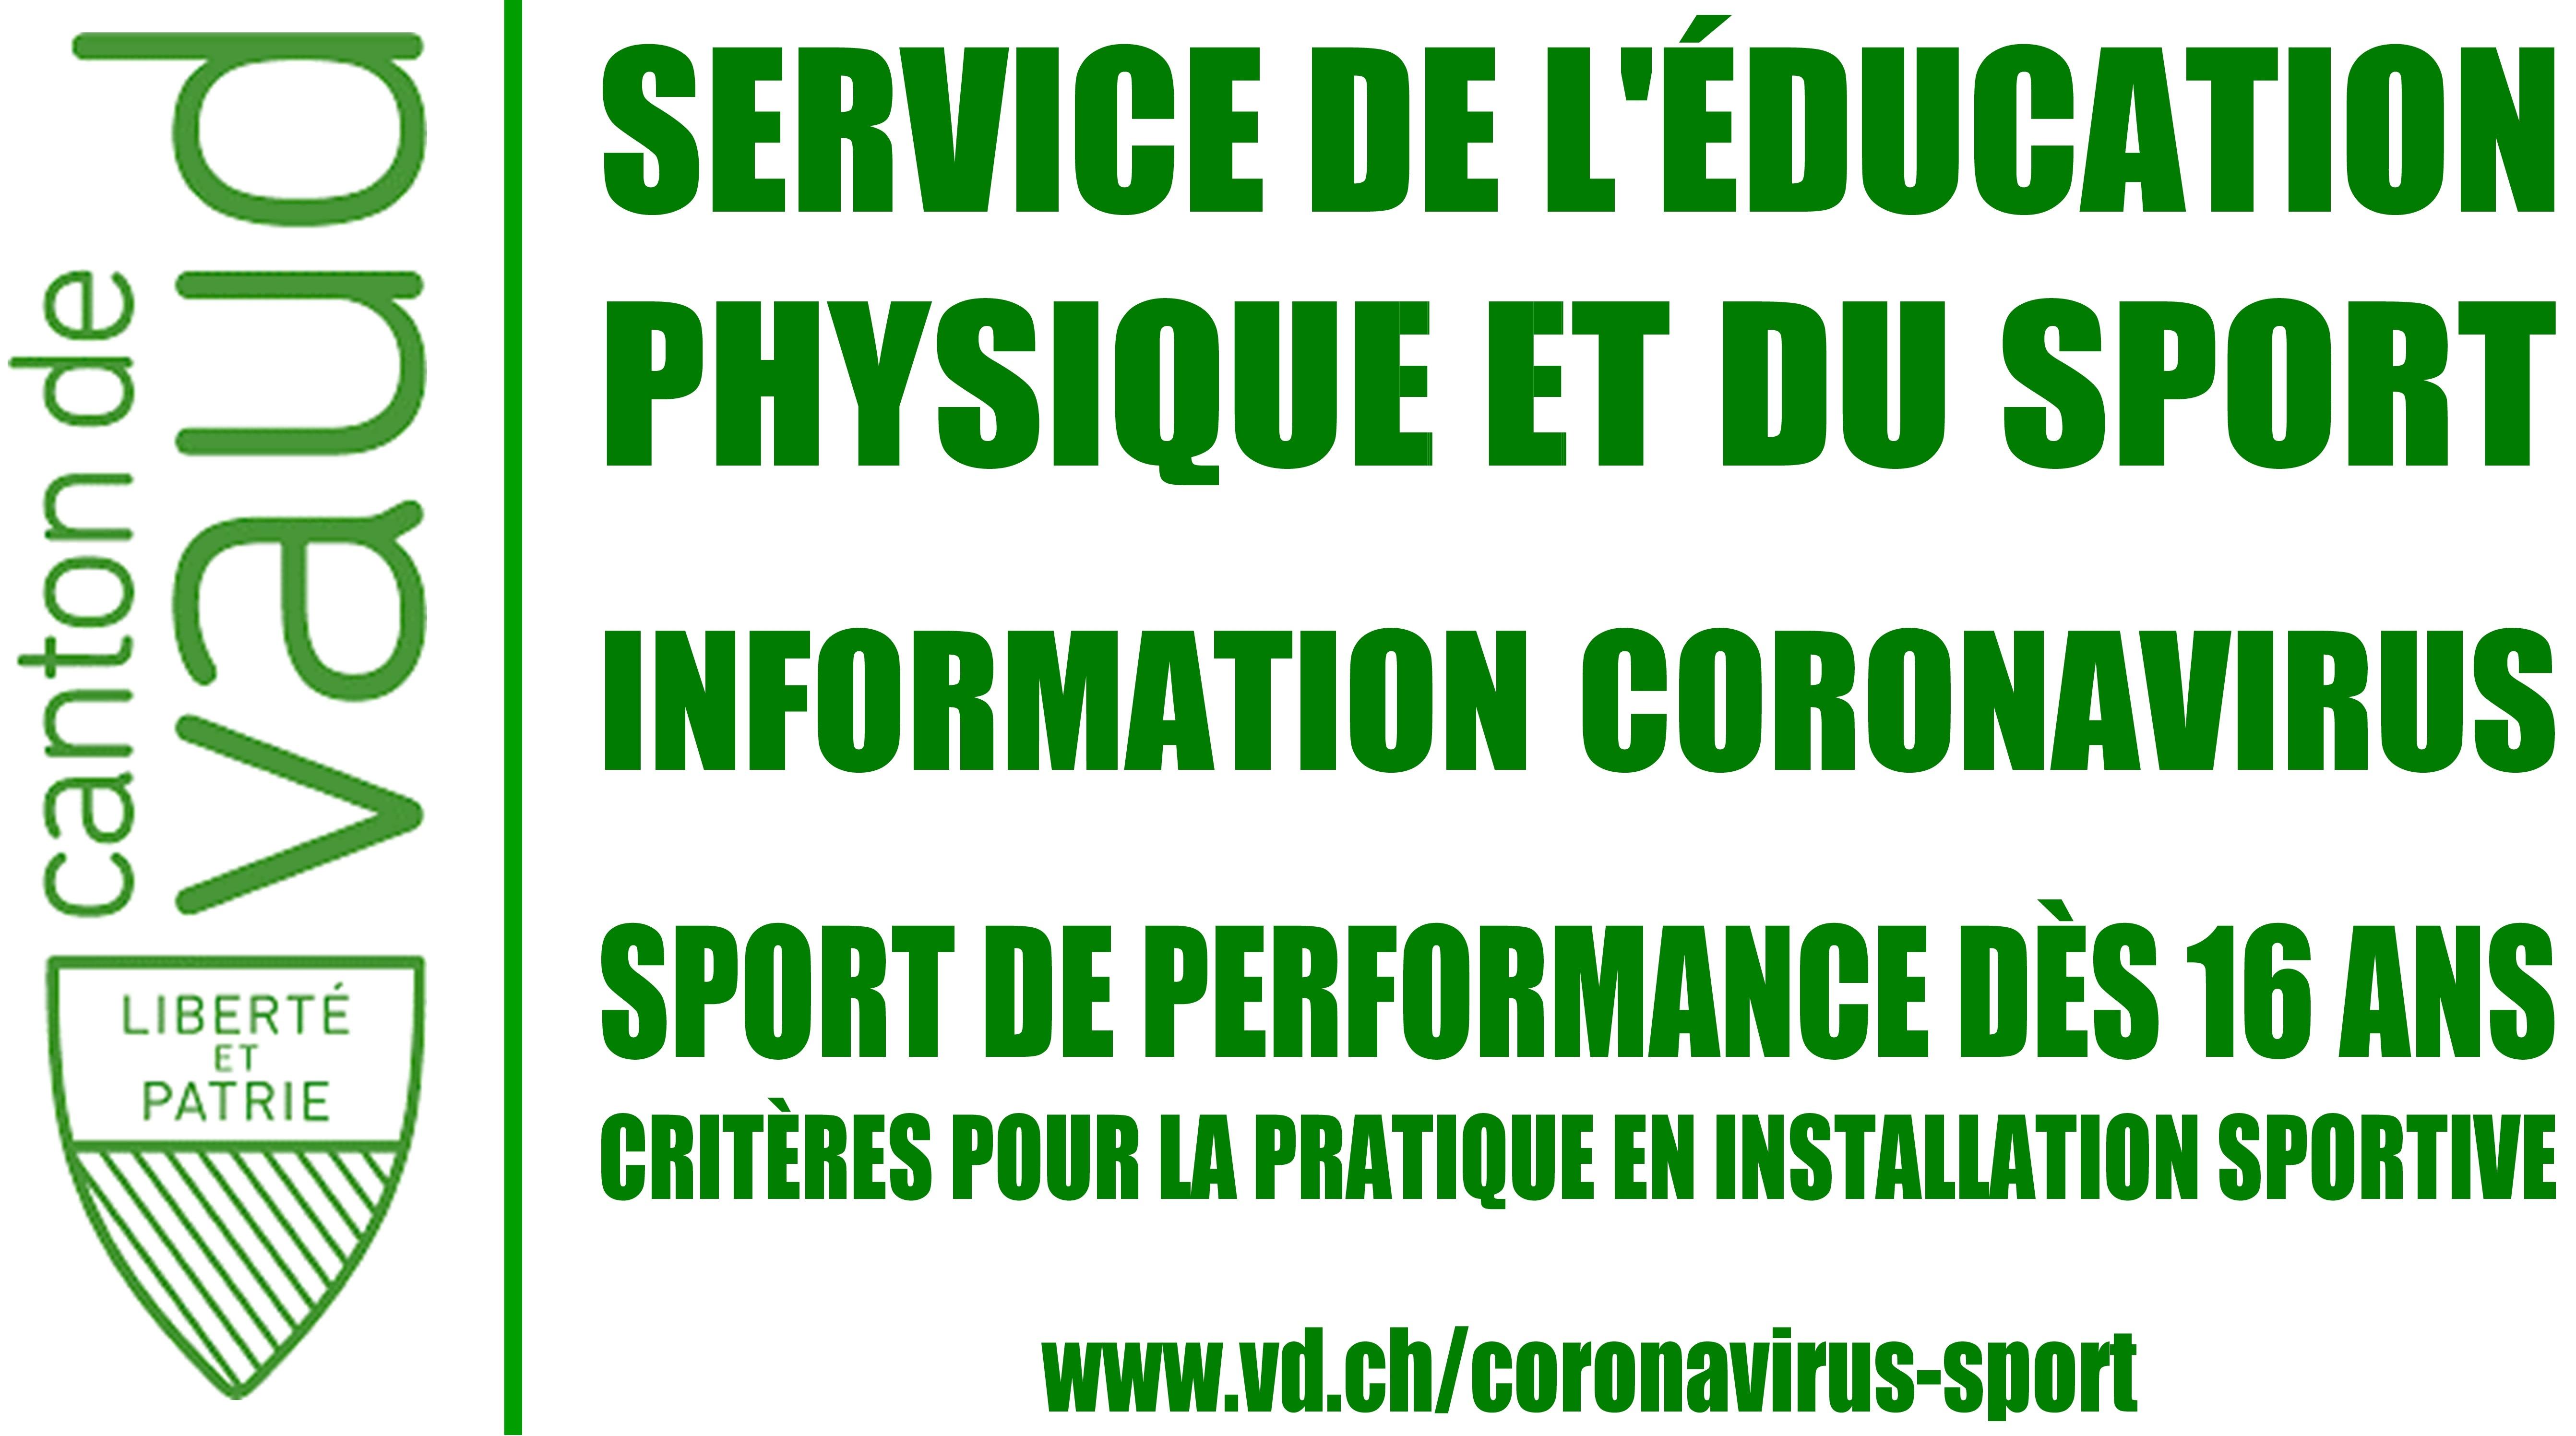 Sport de performance dès 16 ans | Info SEPS